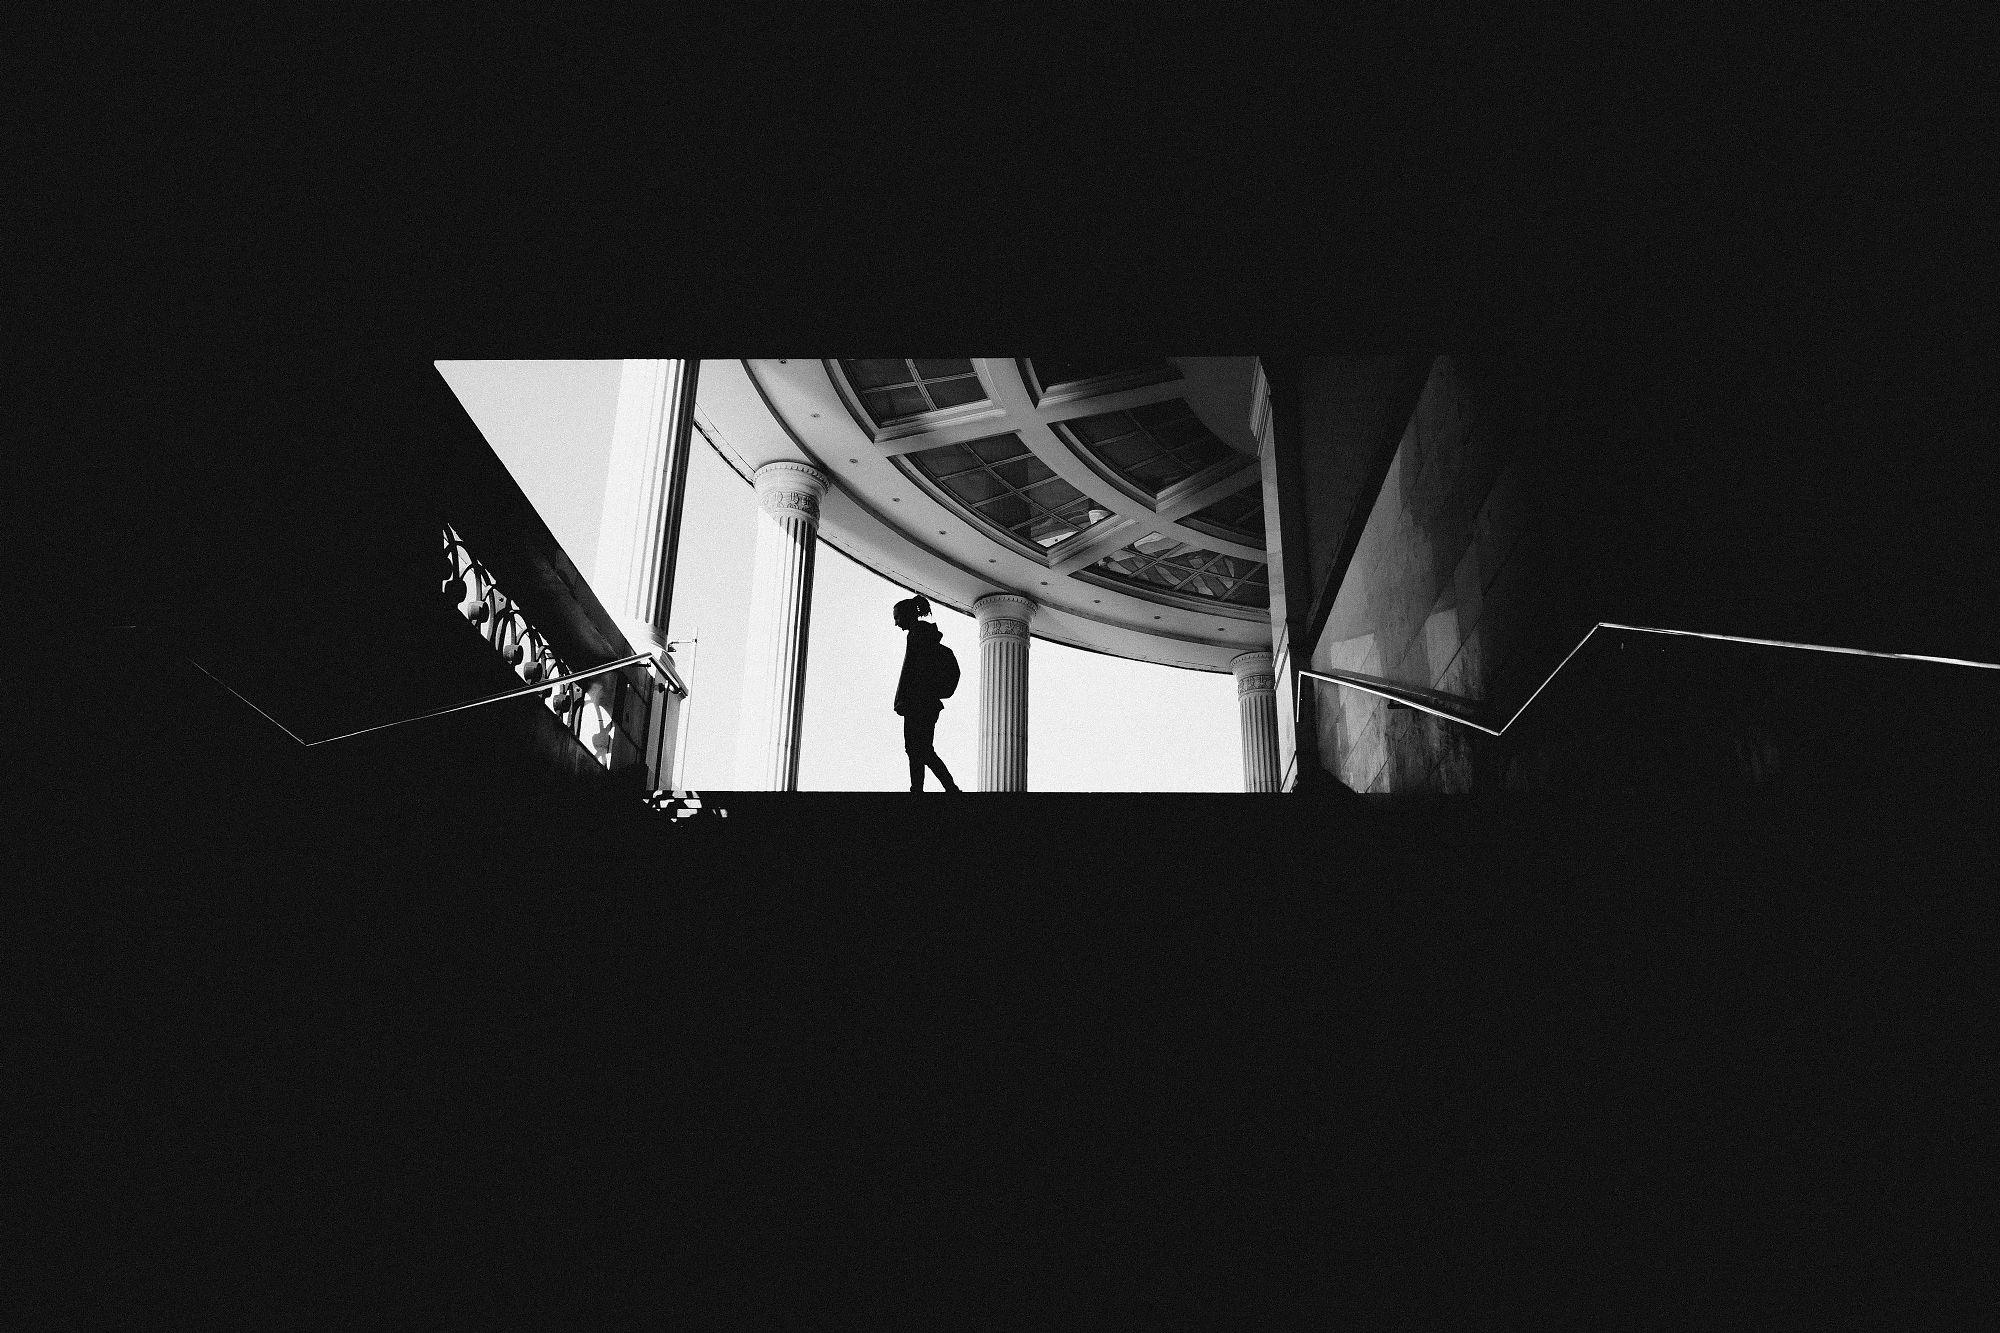 архитектура, контраст, черно-белое, портрет, Ревинна Даша